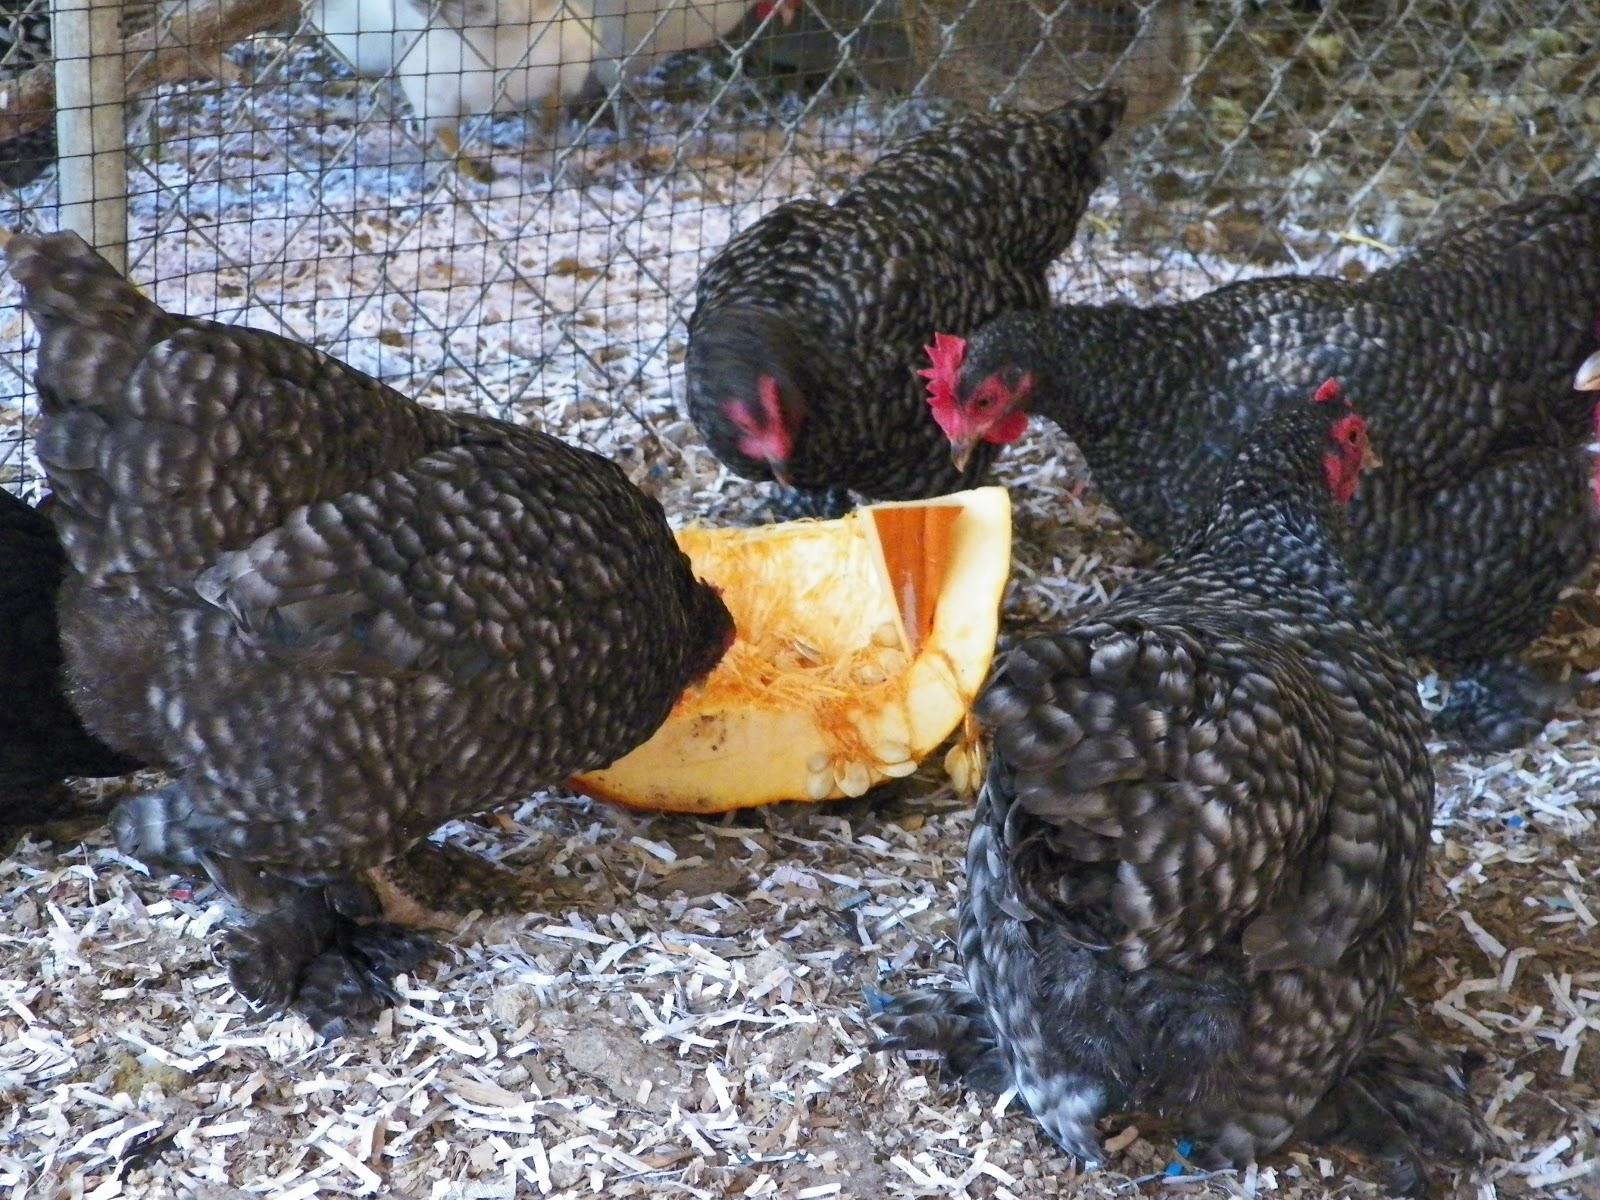 Bantam chicken vs standard